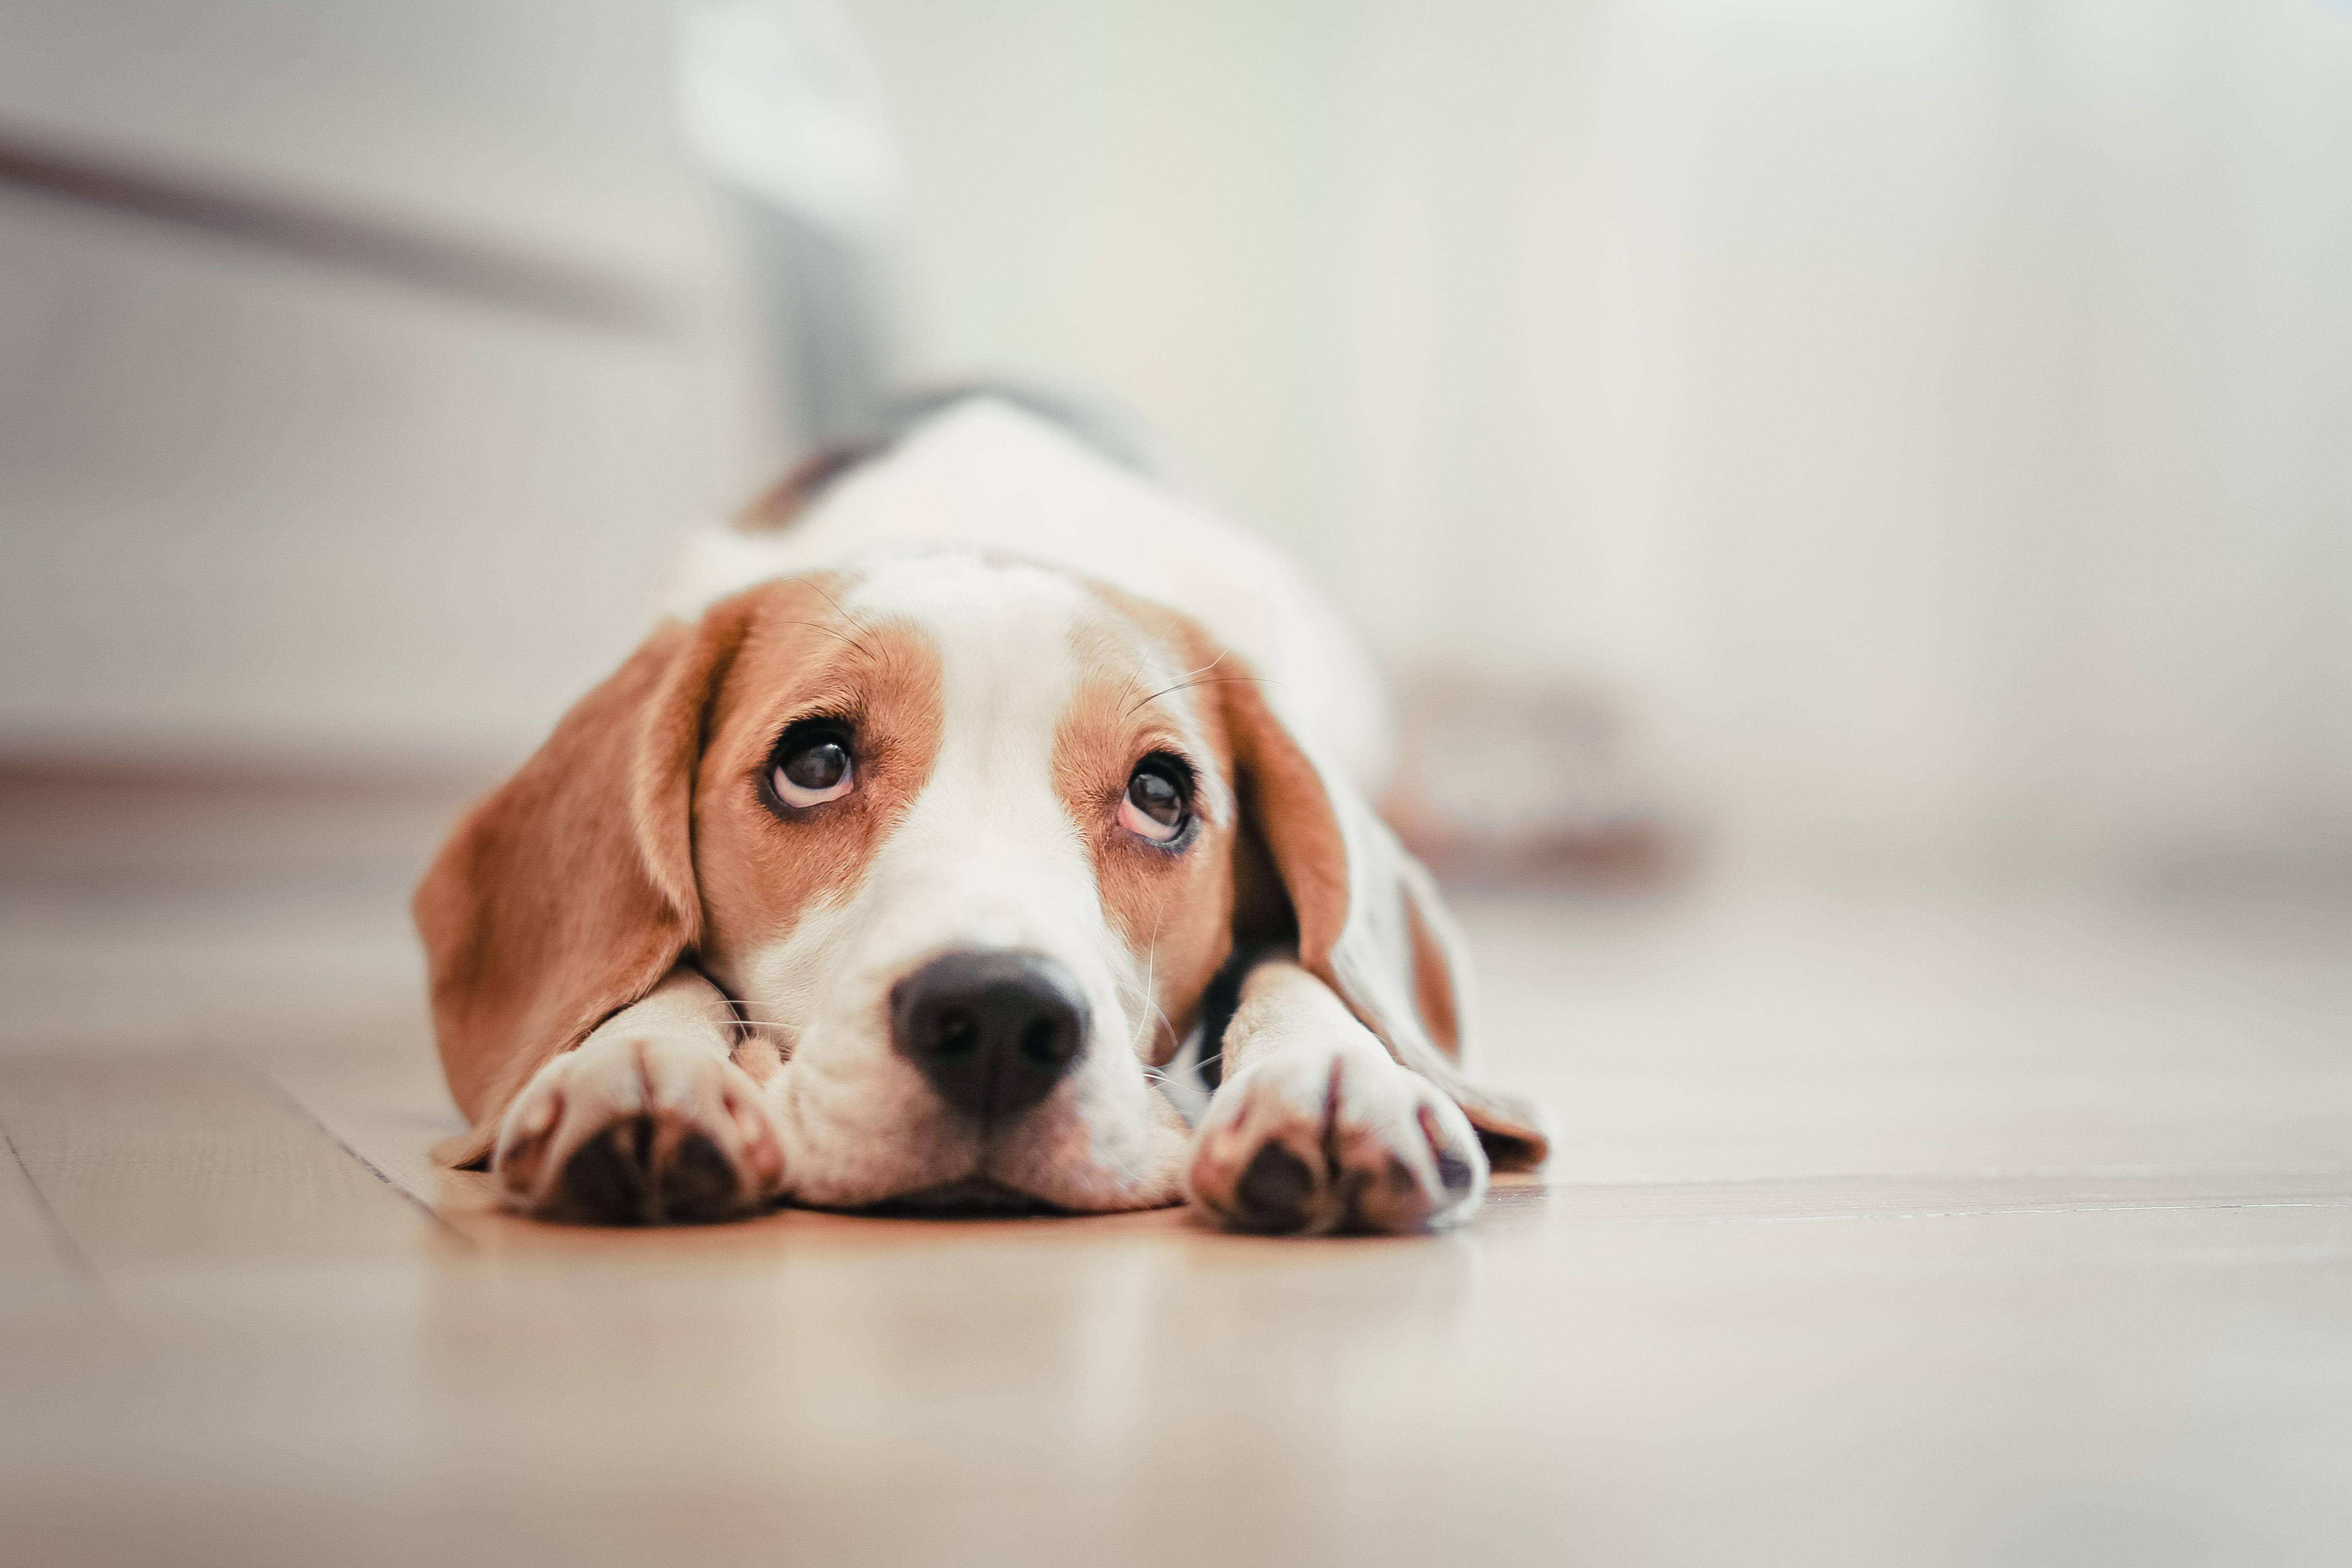 Vuoi Prendere Un Cane Ecco Alcuni Motivi Per Cui Forse Non E Il